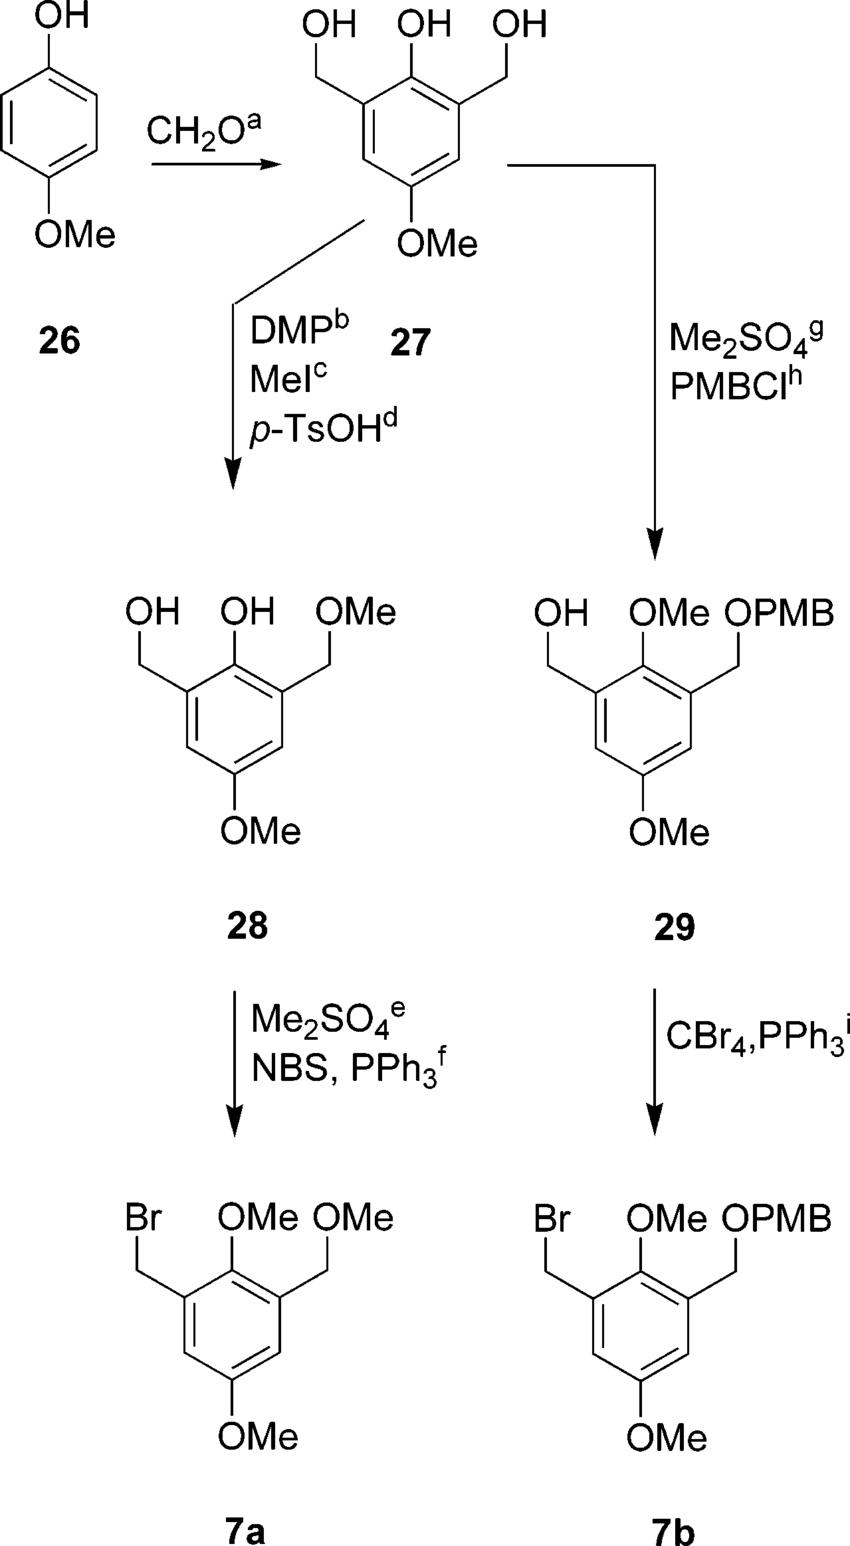 medium resolution of lewi diagram cbr4